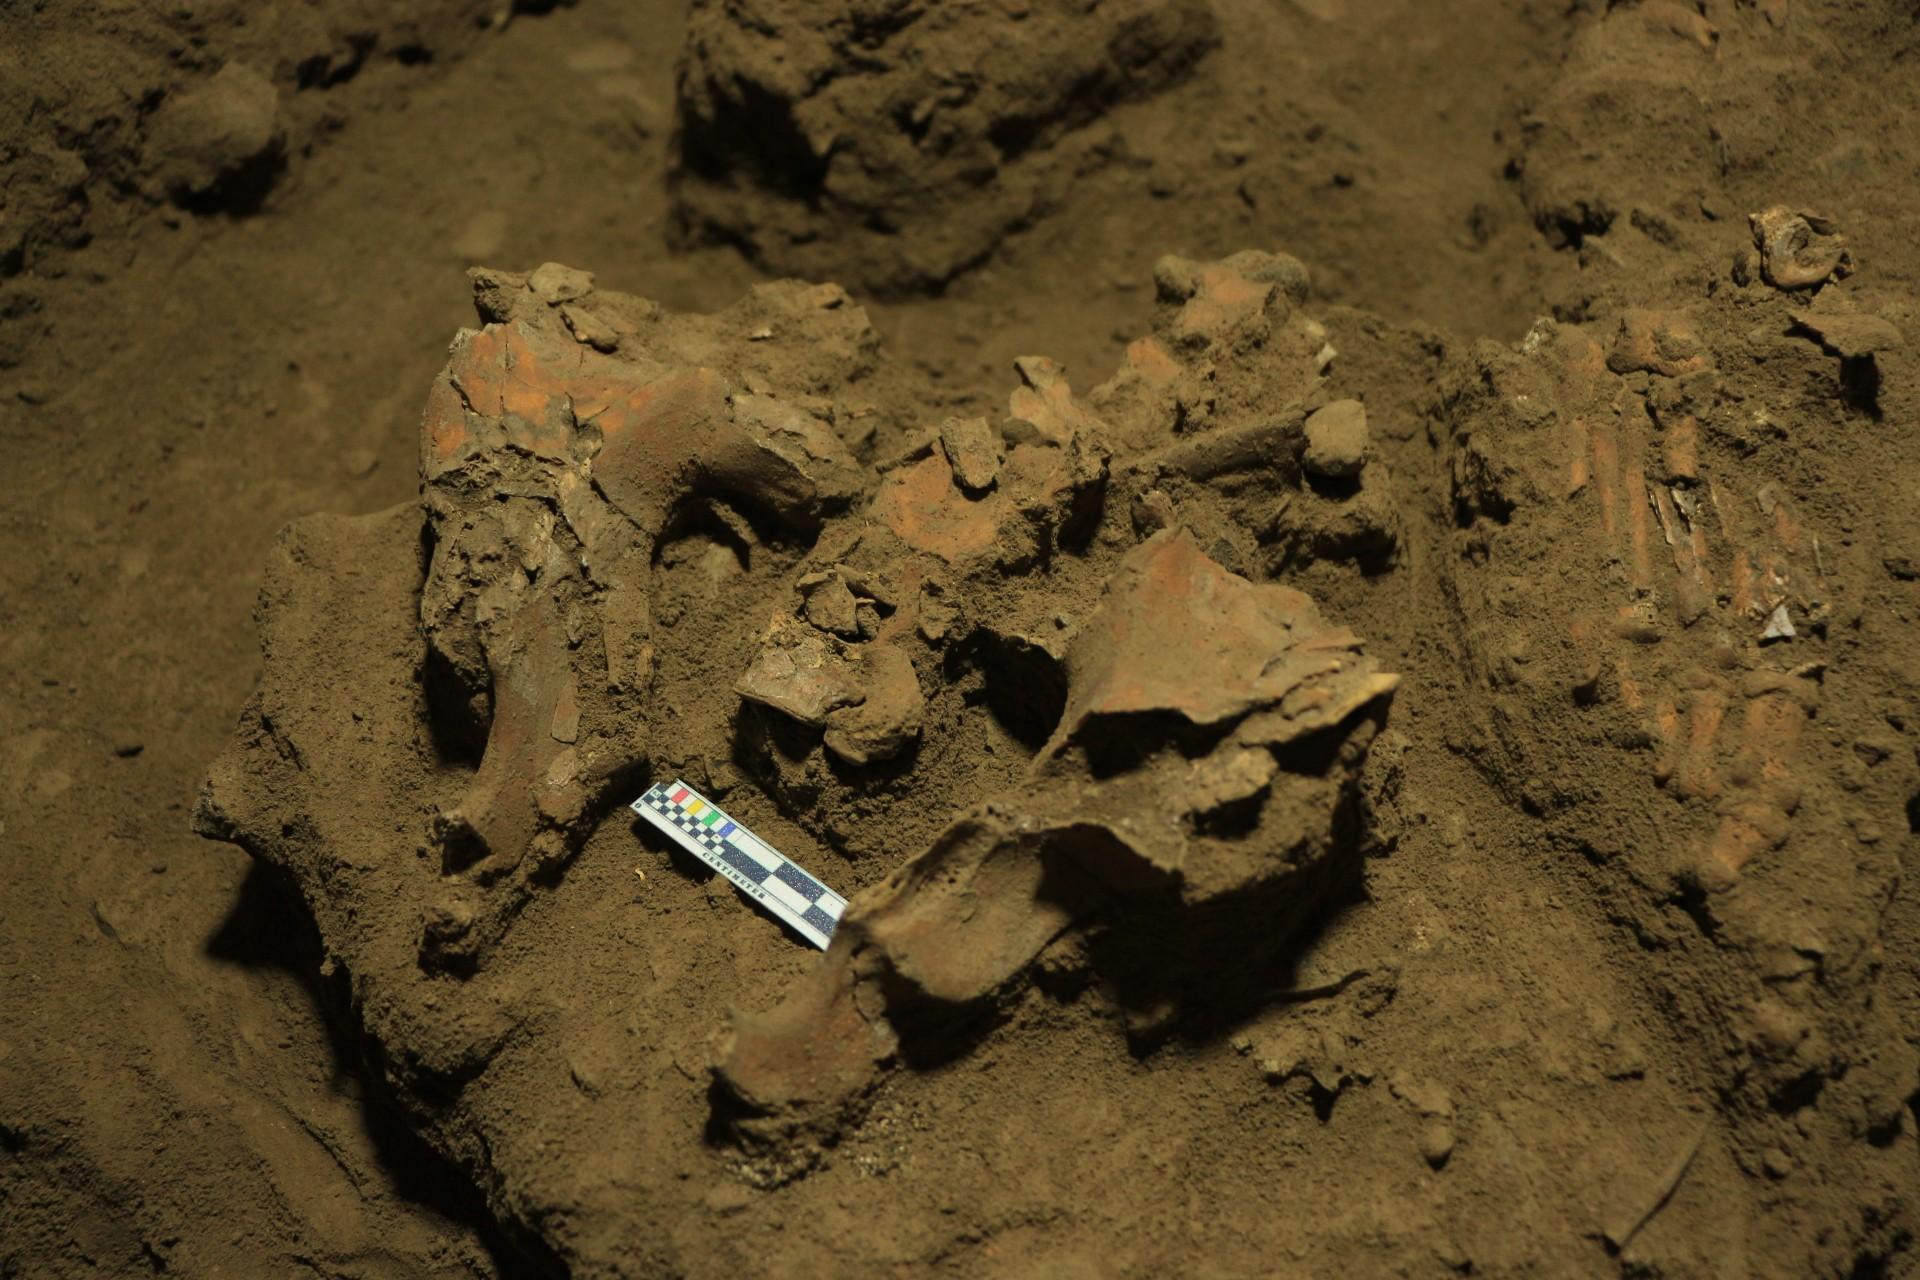 В Индонезии обнаружили ДНК женщины, жившей 7200 лет назад. Почему это важно?